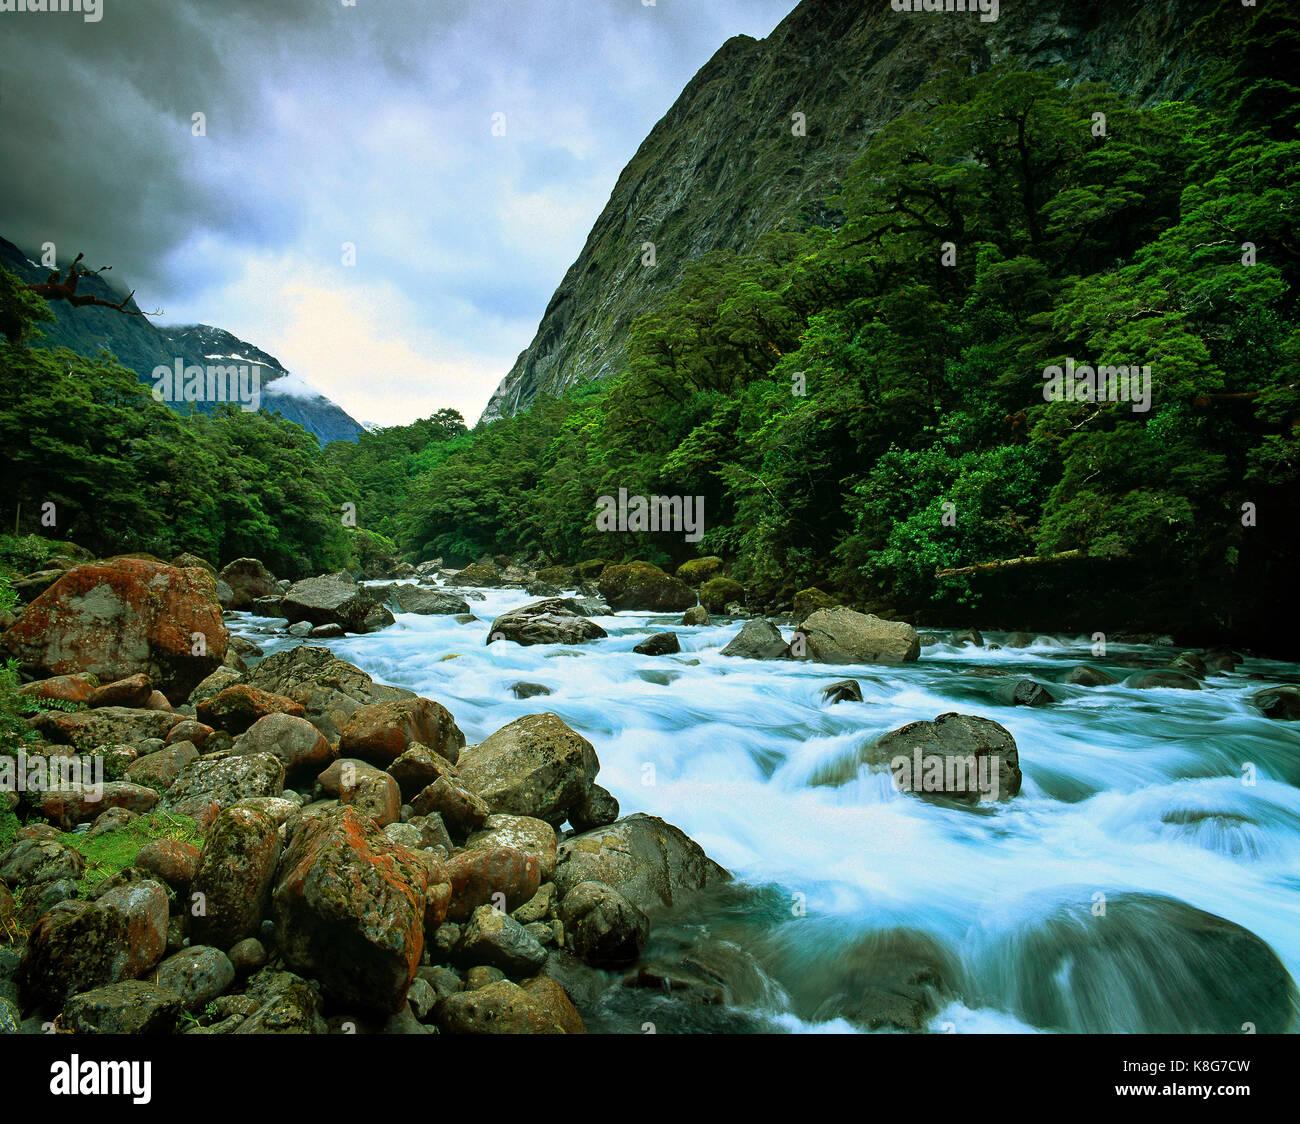 Nueva Zelanda. Milford Sound. rápida corriente. Imagen De Stock